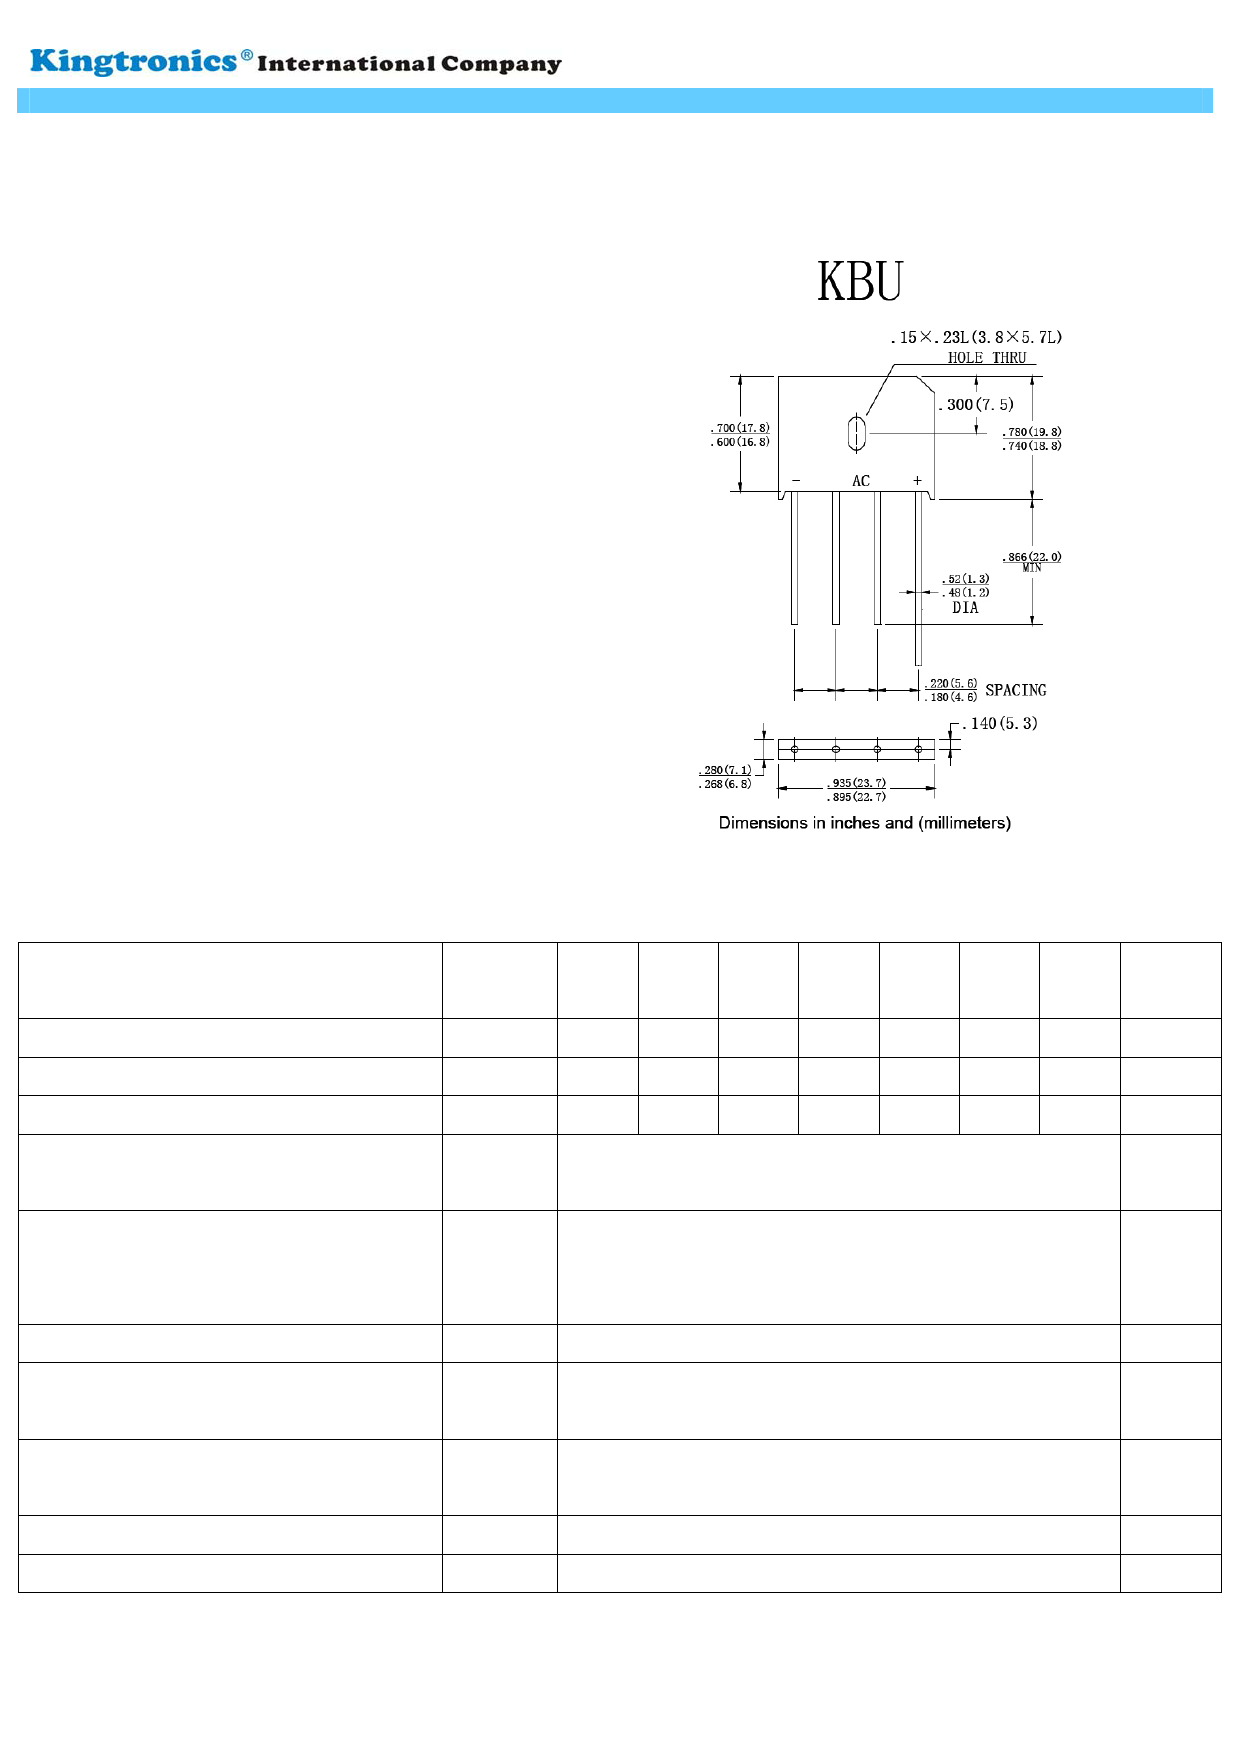 KBU6005 datasheet